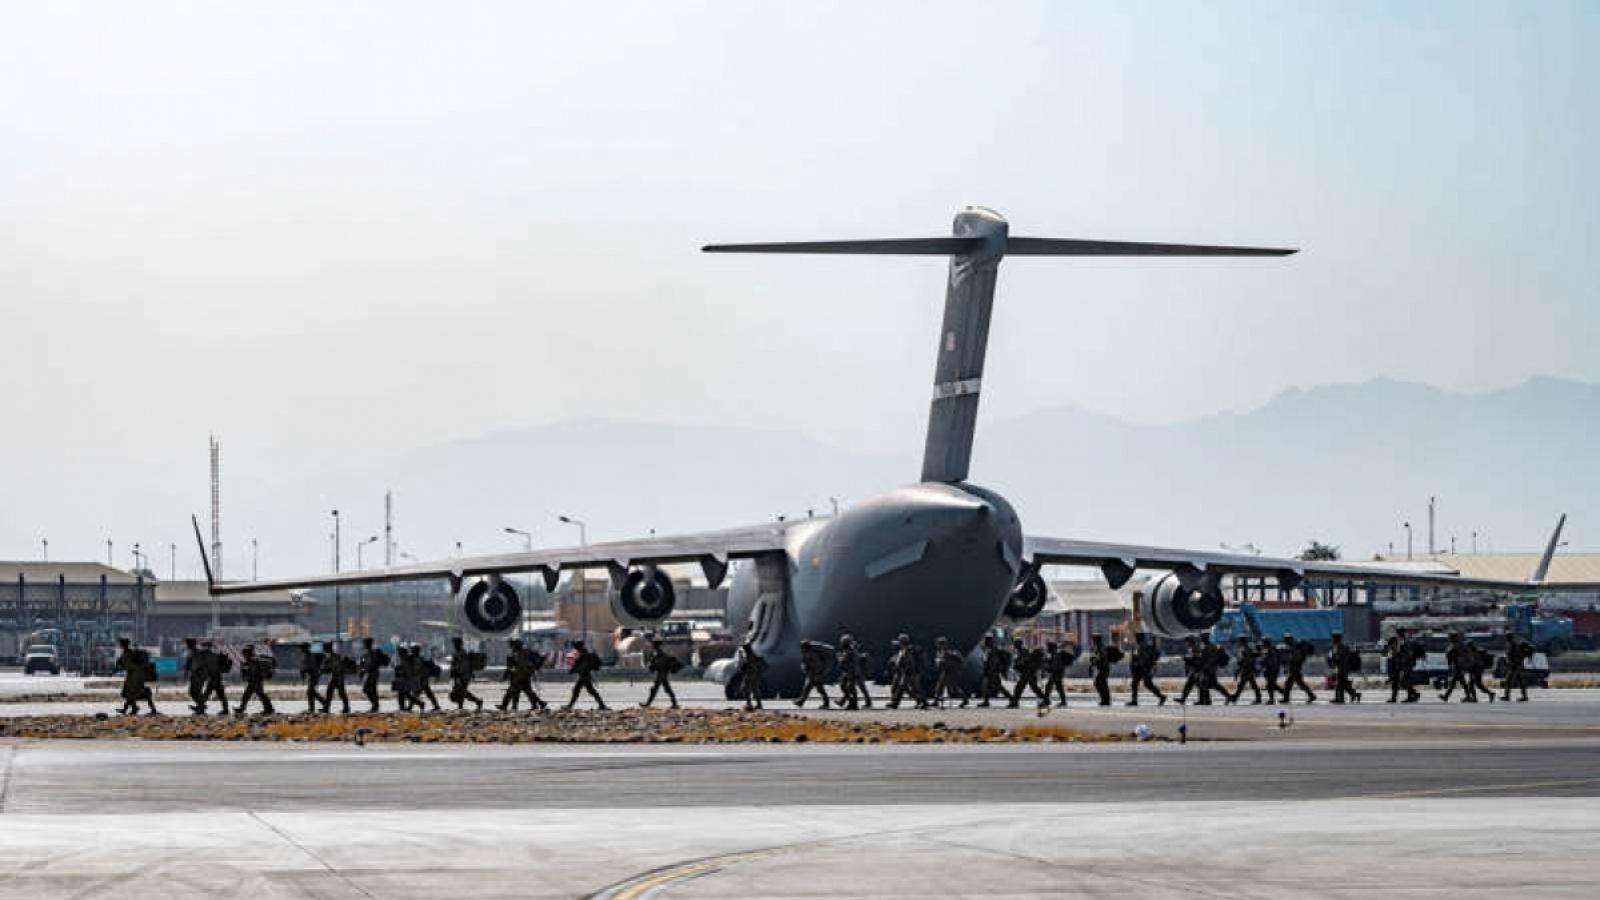 Mỹ tìm cách lấy lại hình ảnh sau cuộc sơ tán hỗn loạn khỏi Afghanistan